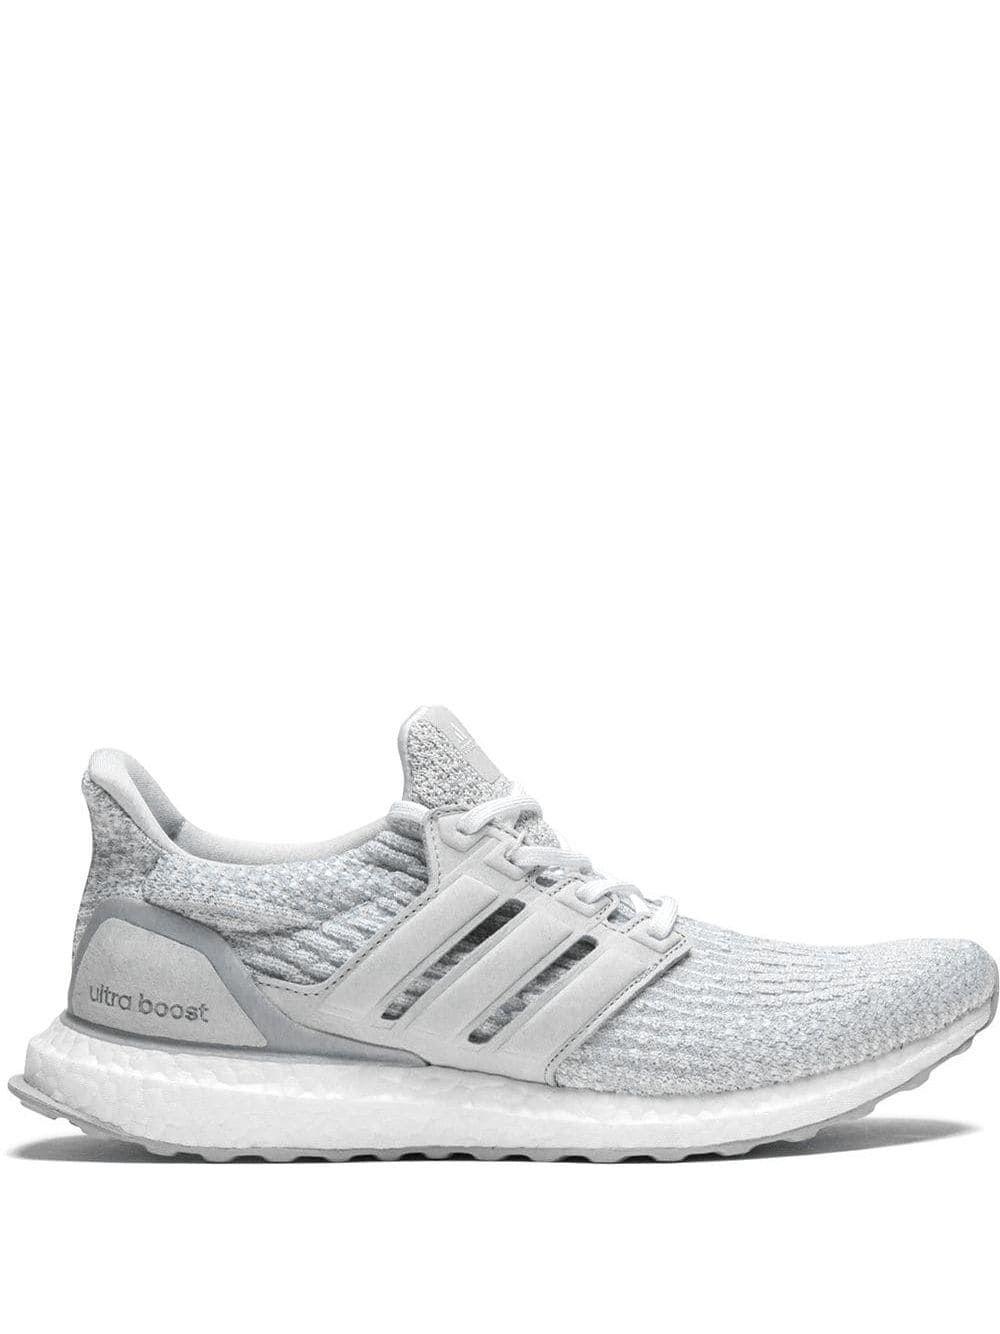 Adidas UltraBOOST Sneakers - Farfetch